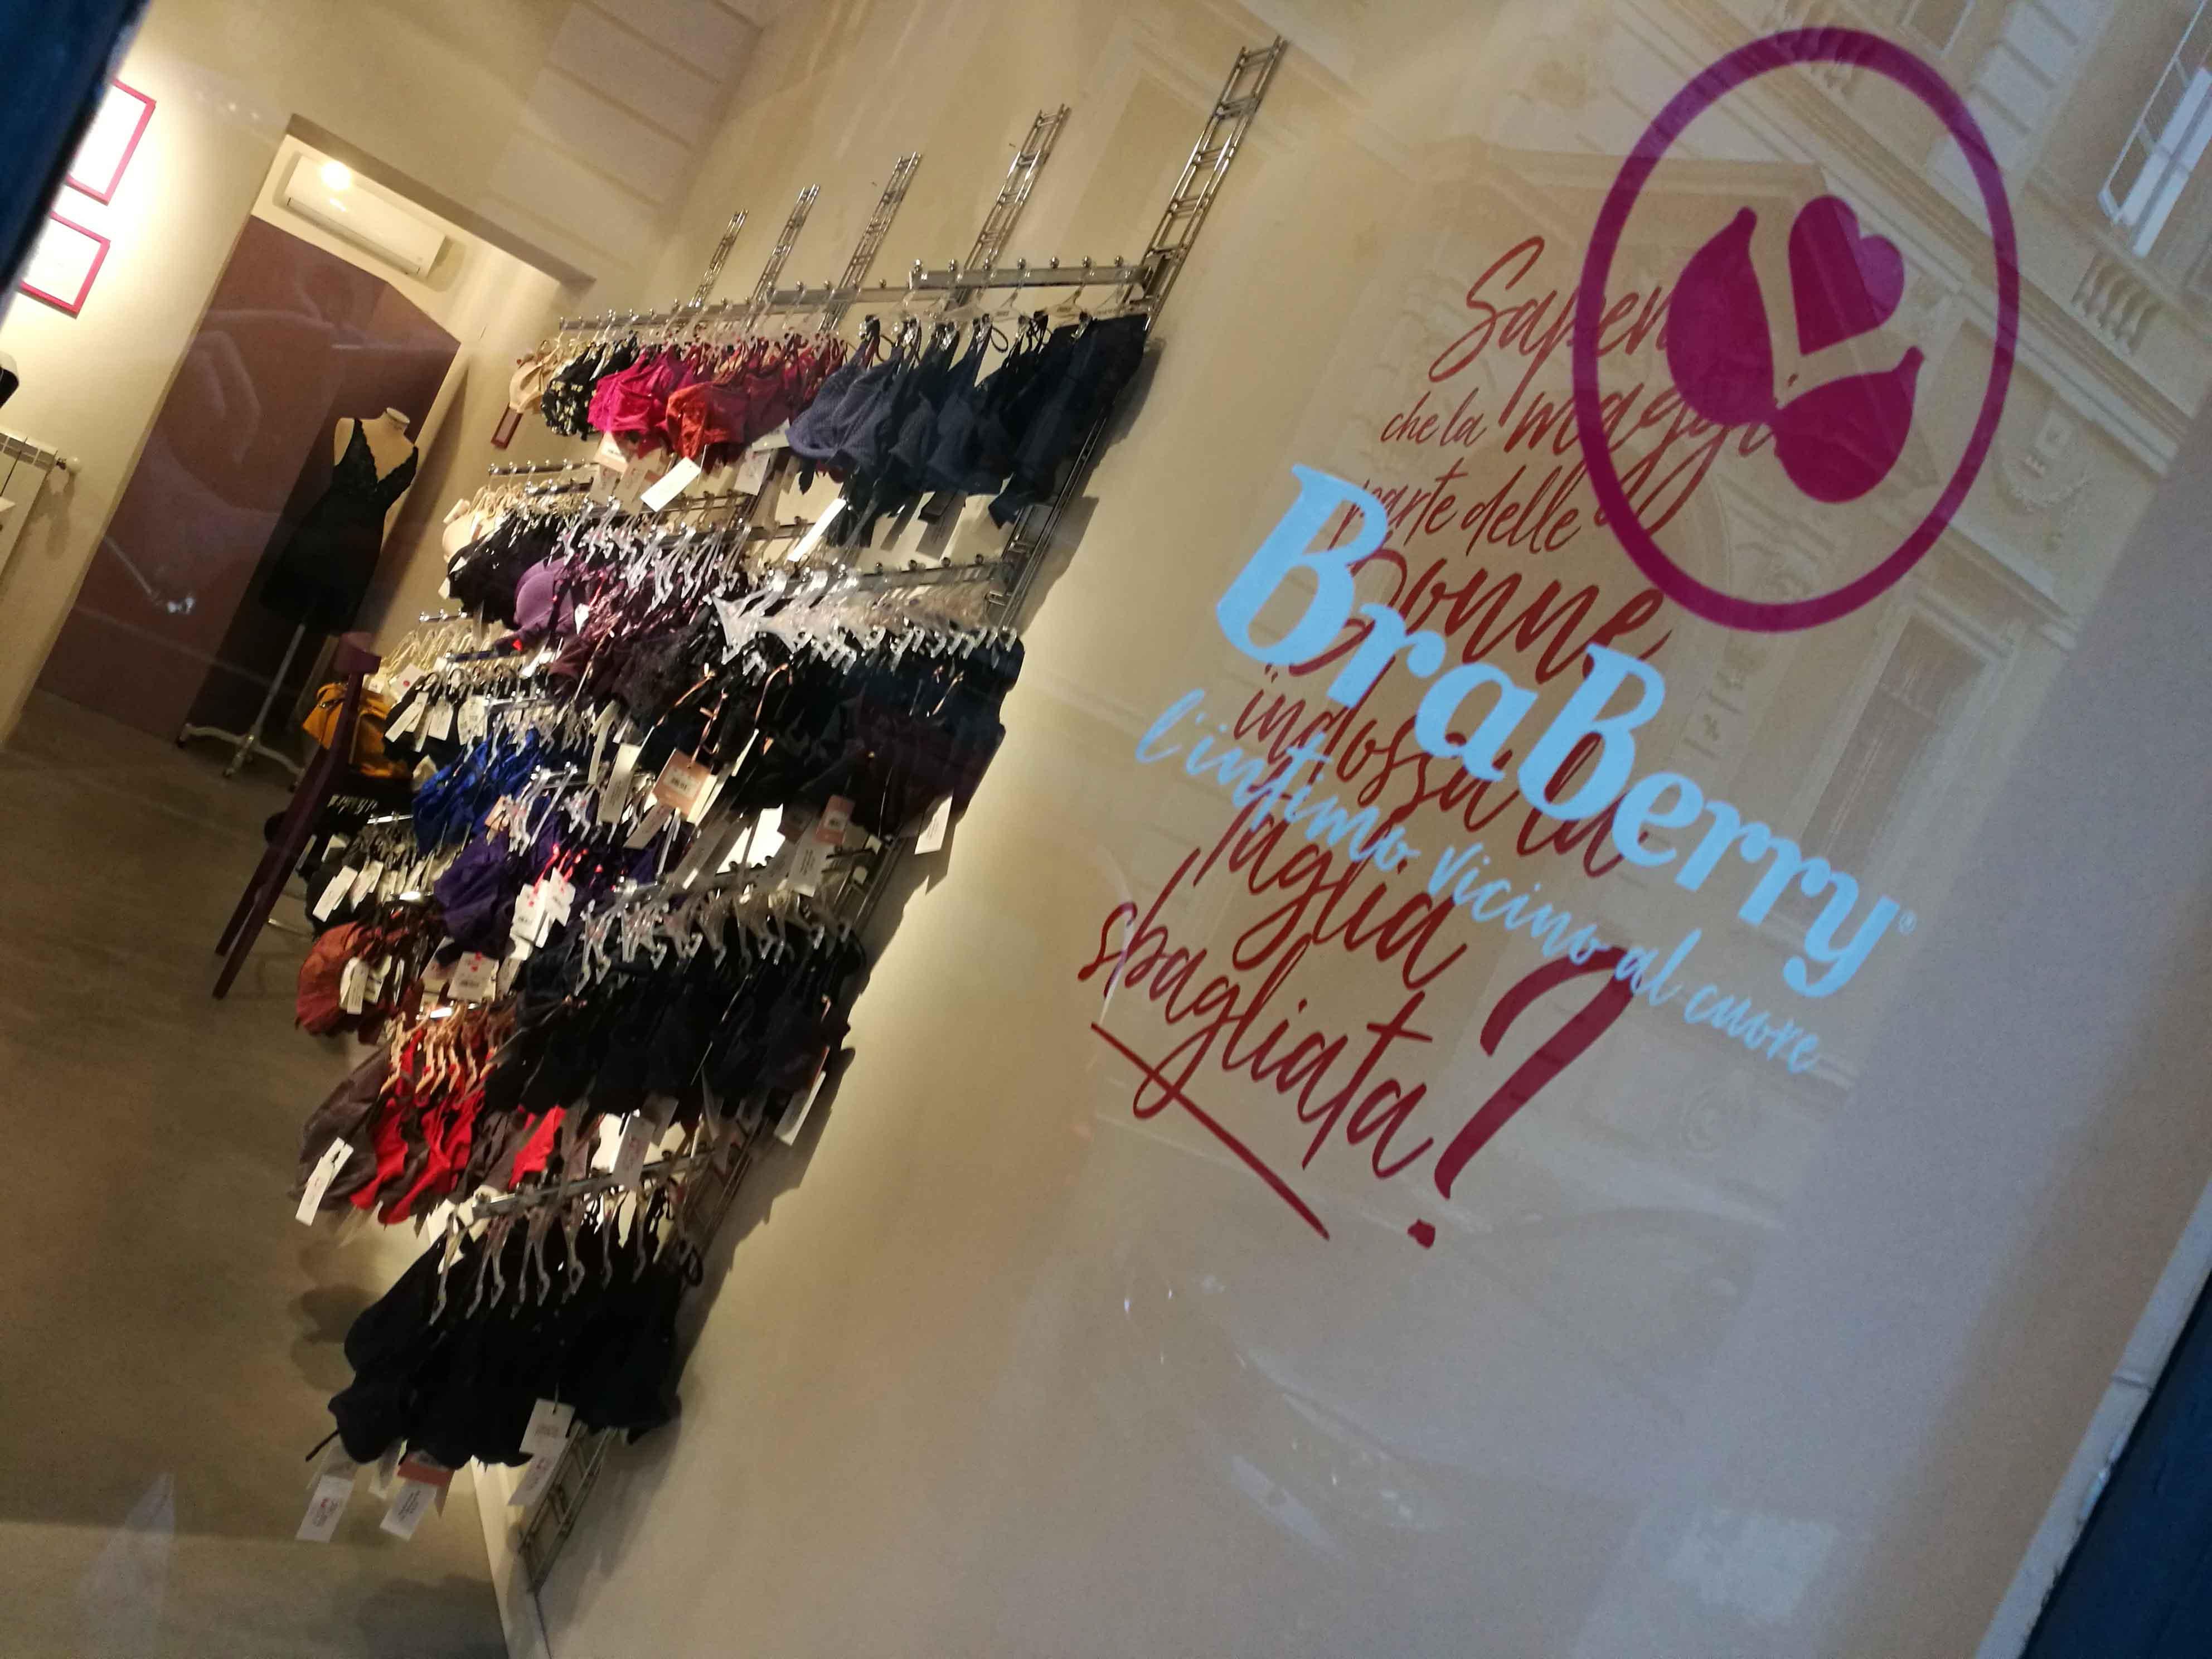 BraBerry Torino